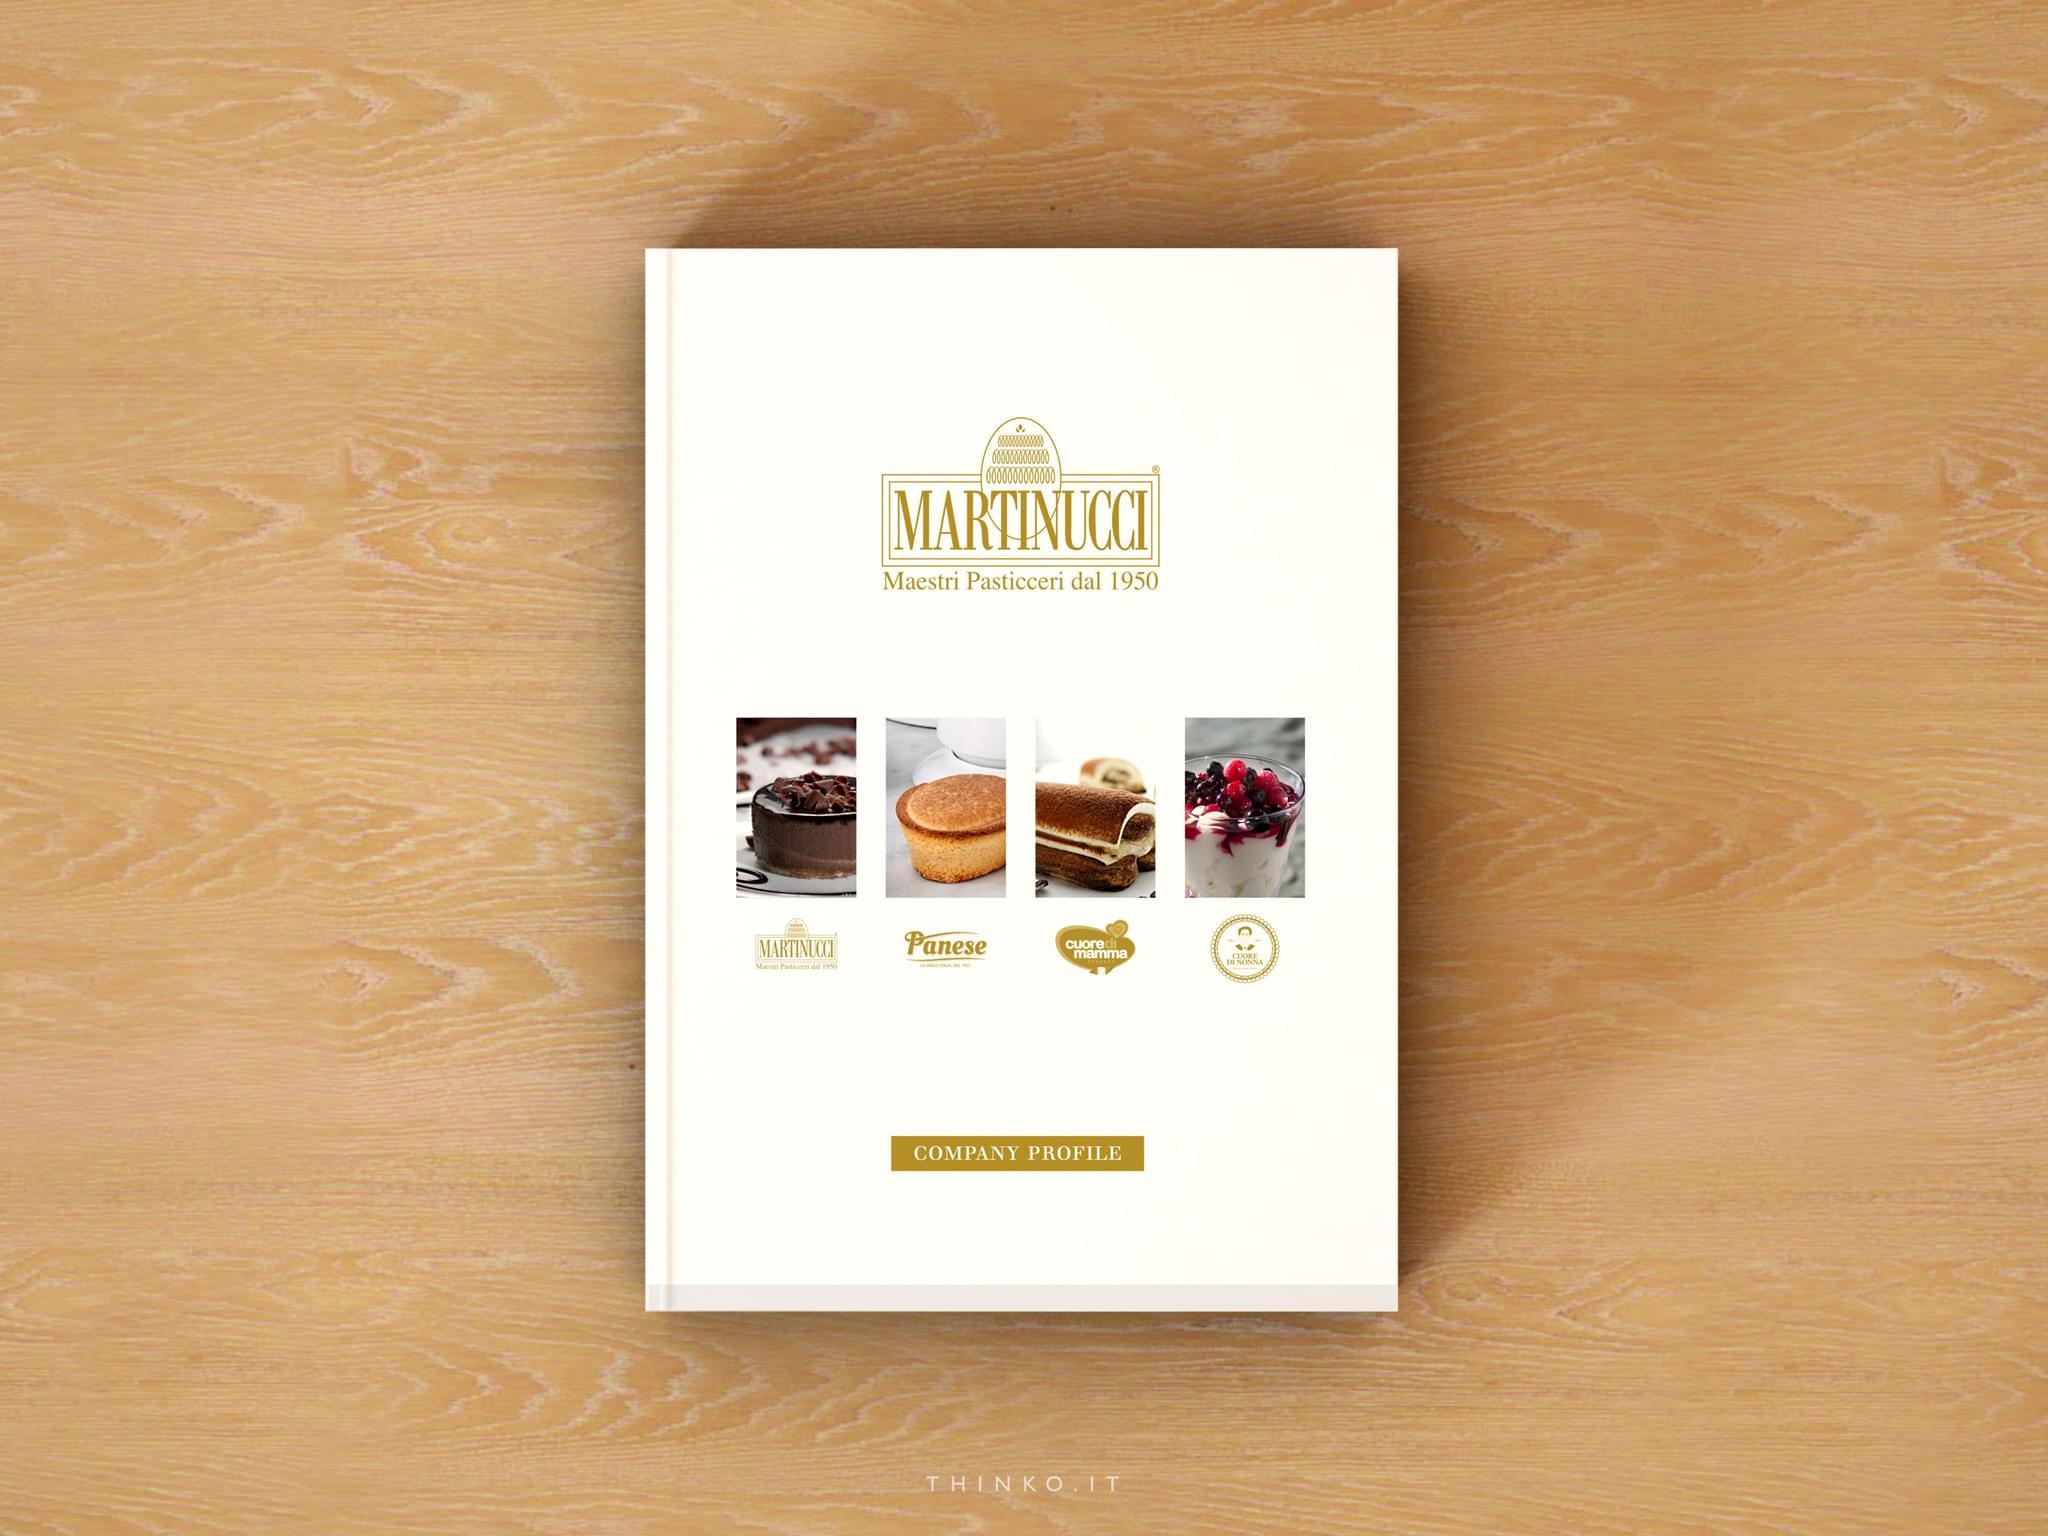 Company Profile Martinucci